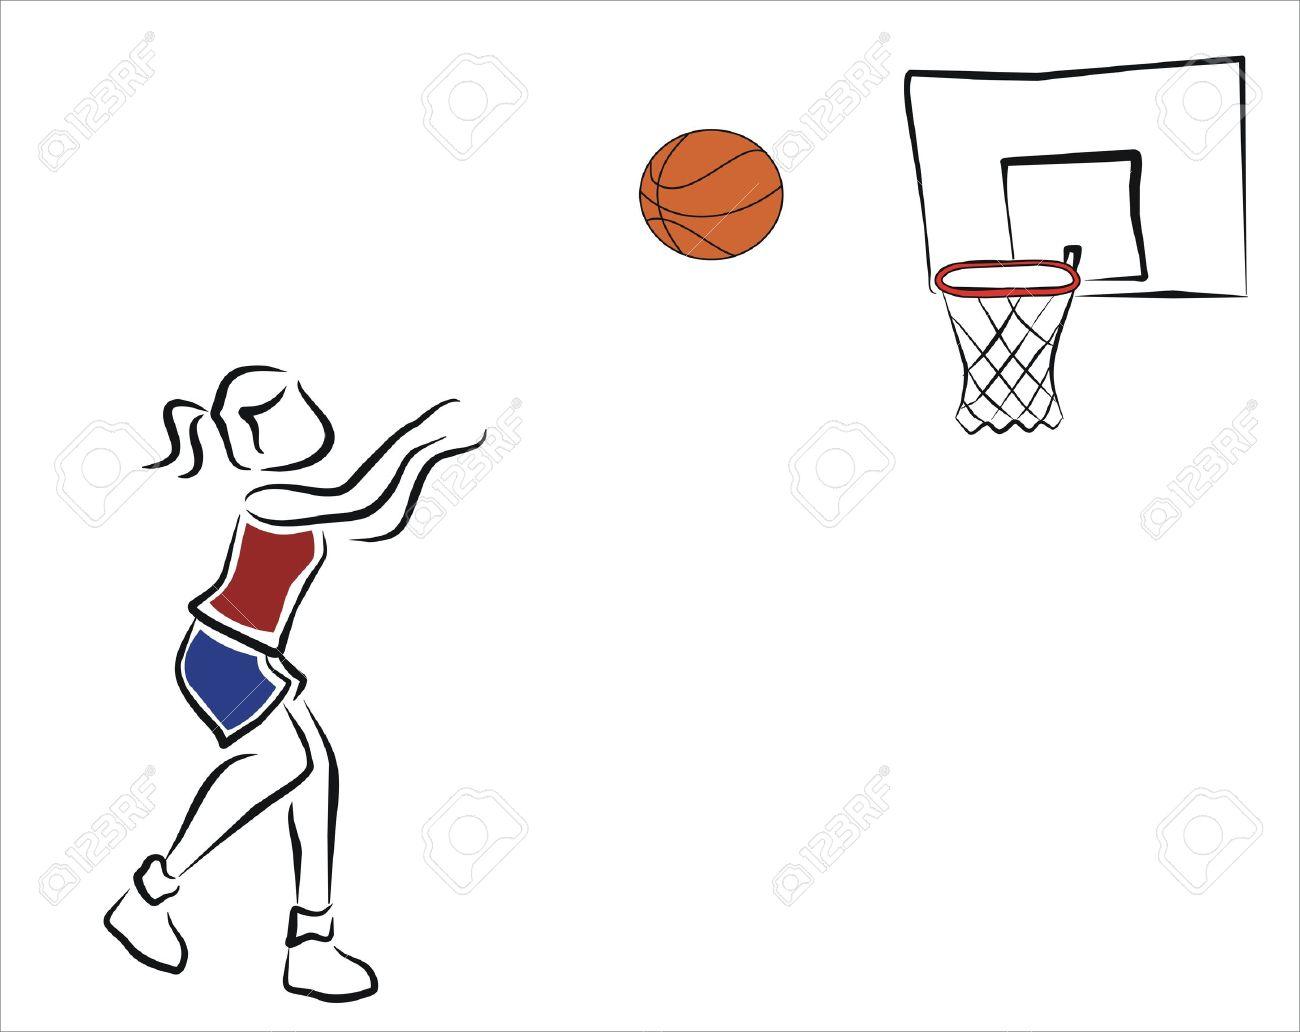 girl playing basketball, throwing the ball.